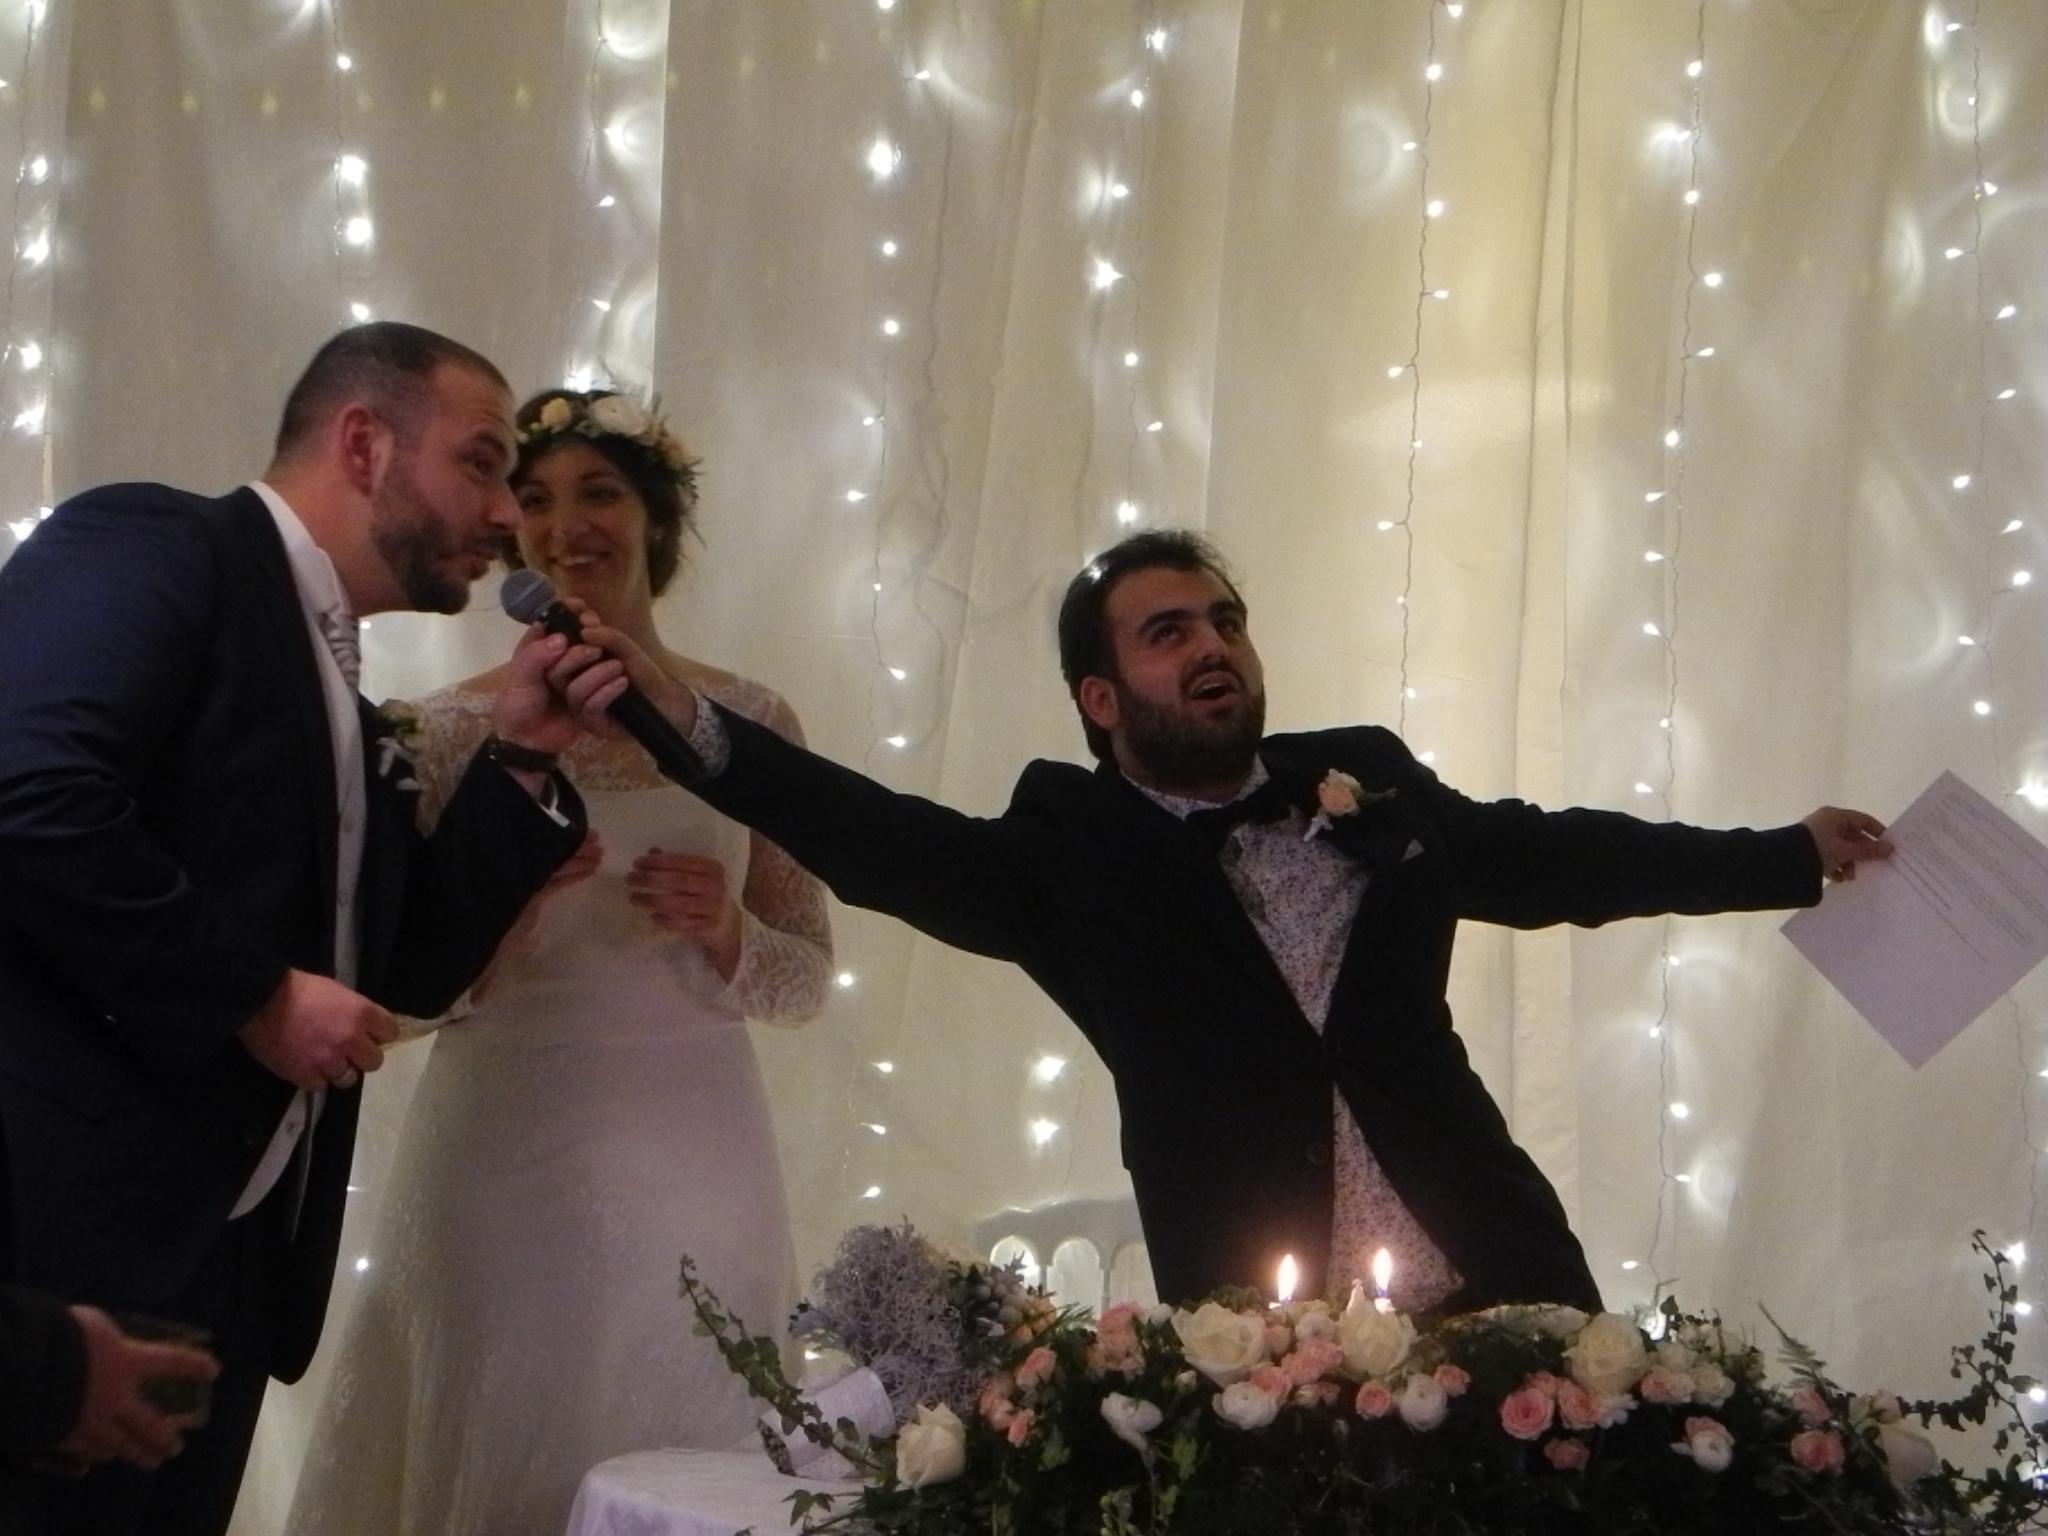 Mon mariage d'hiver à la lueur des bougies : notre cérémonie laïque – Partie 2